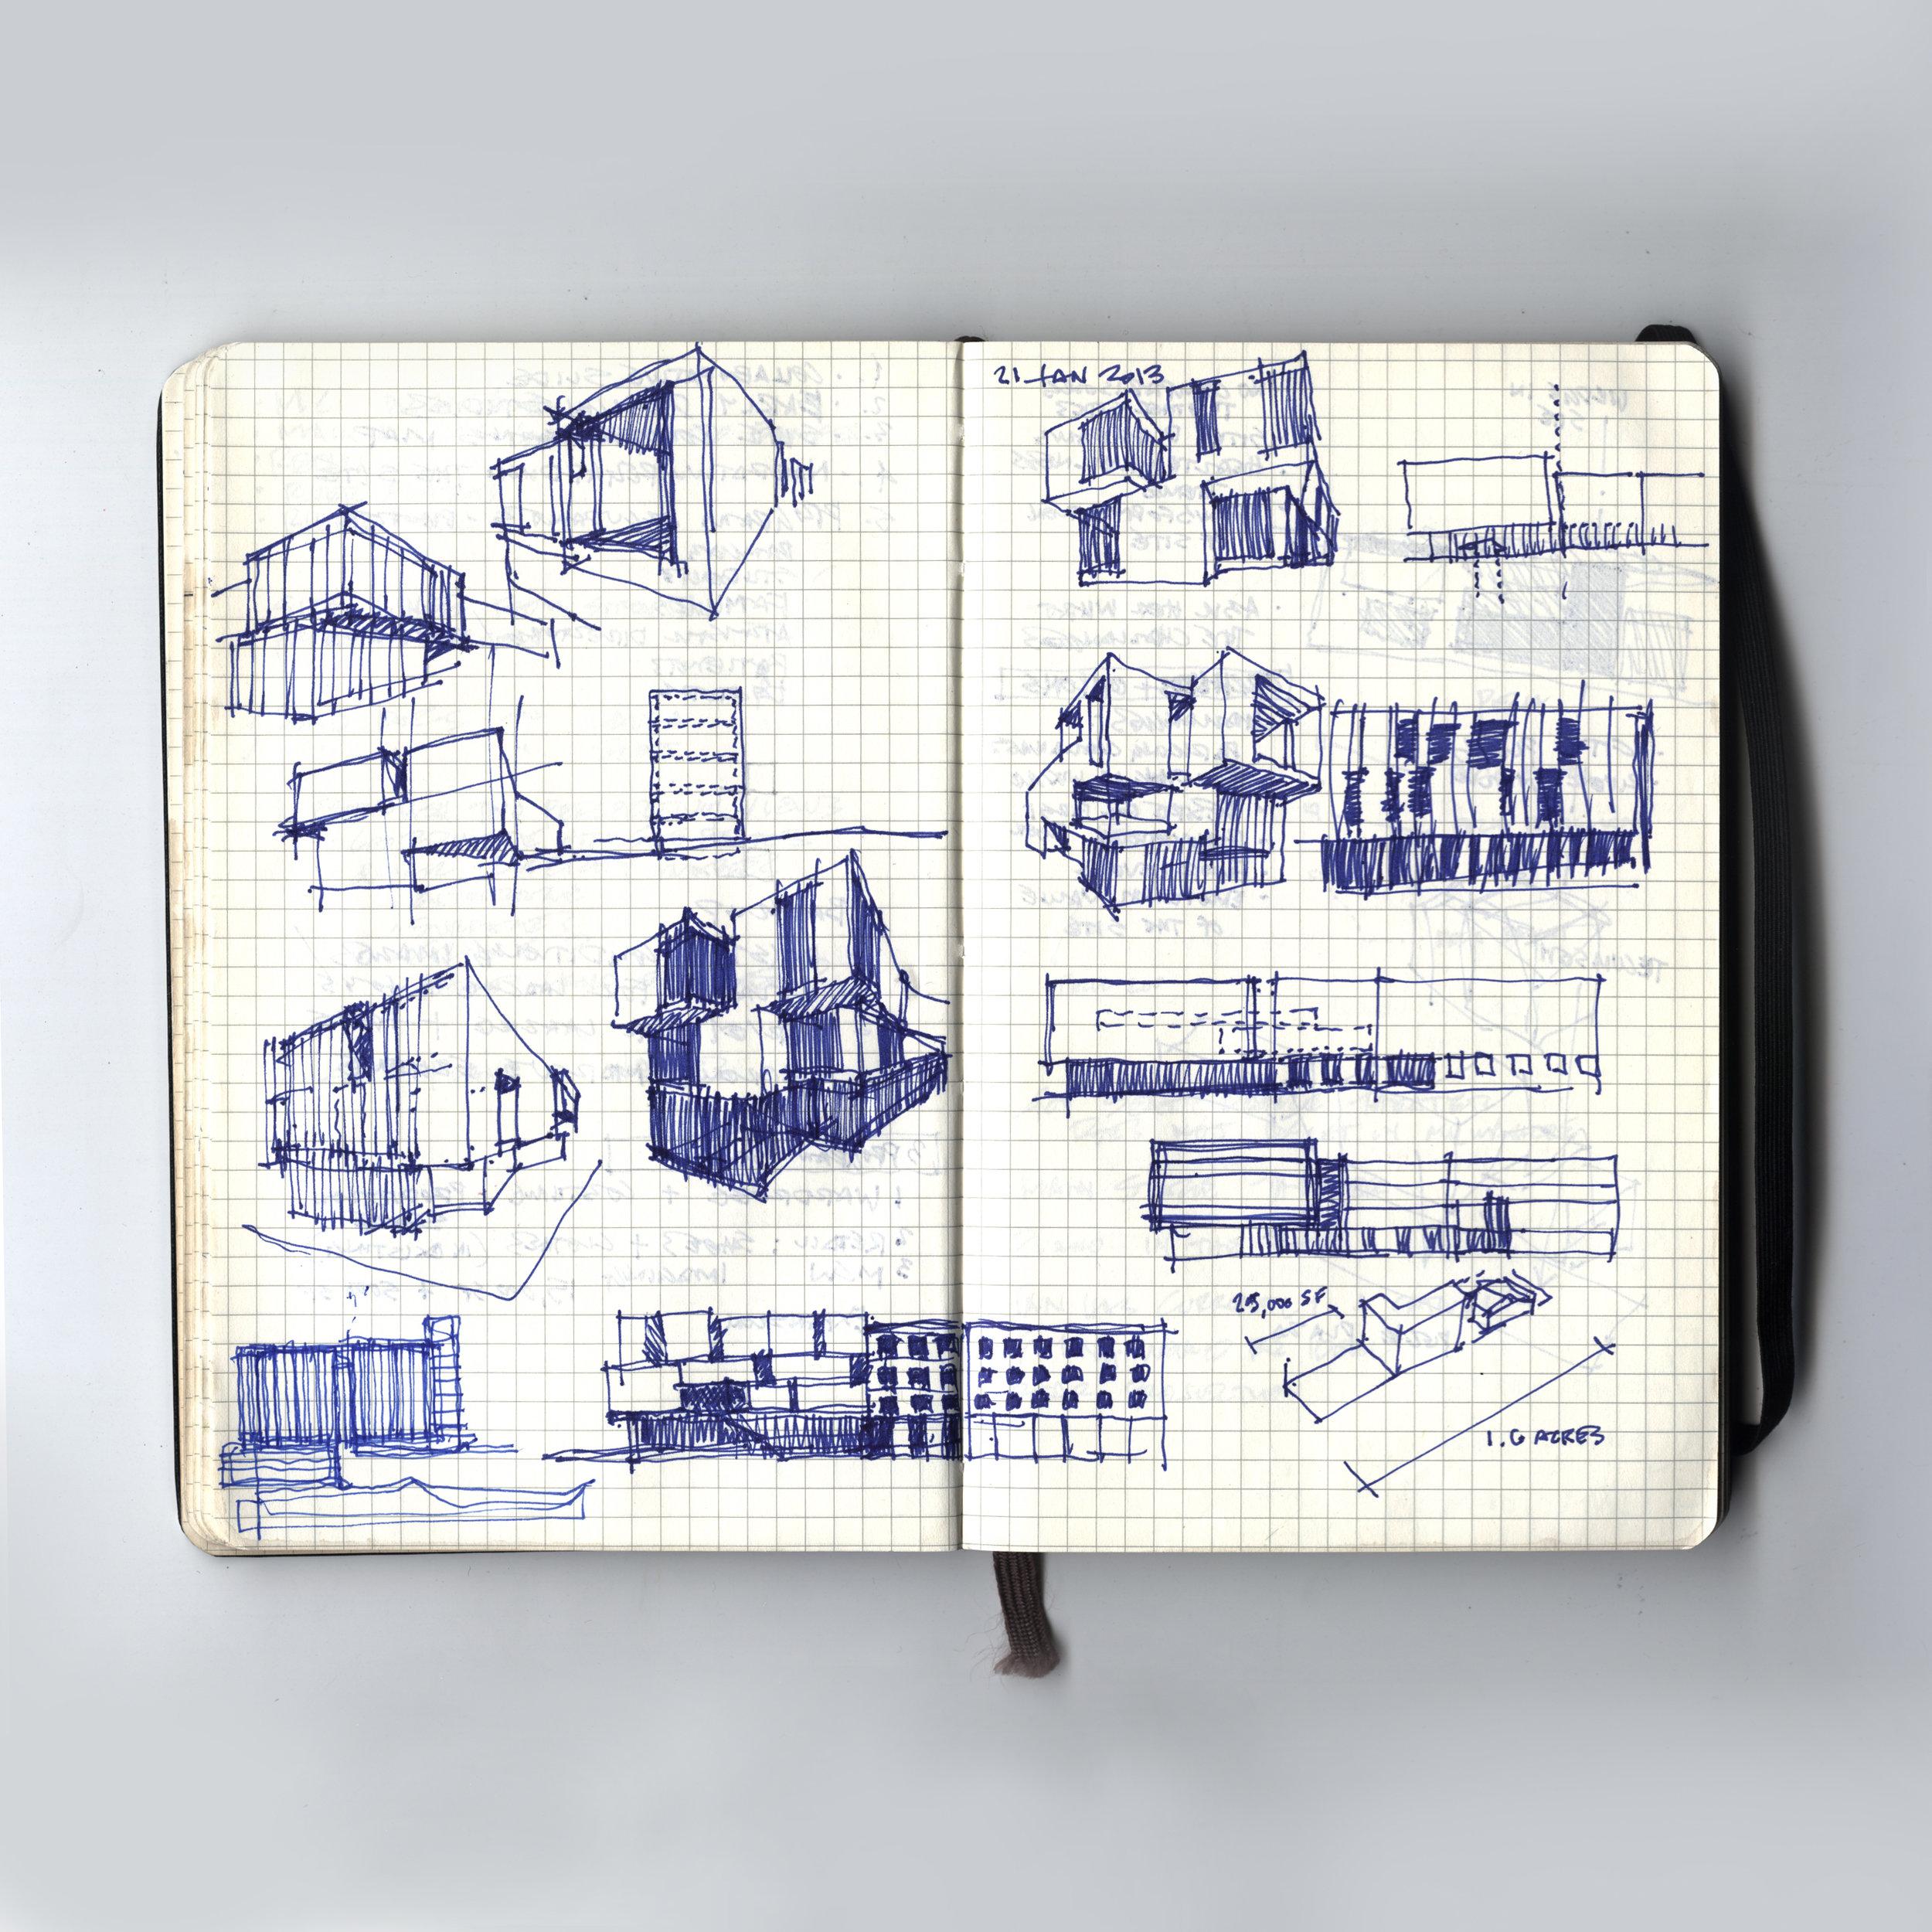 James-sketch5.jpg